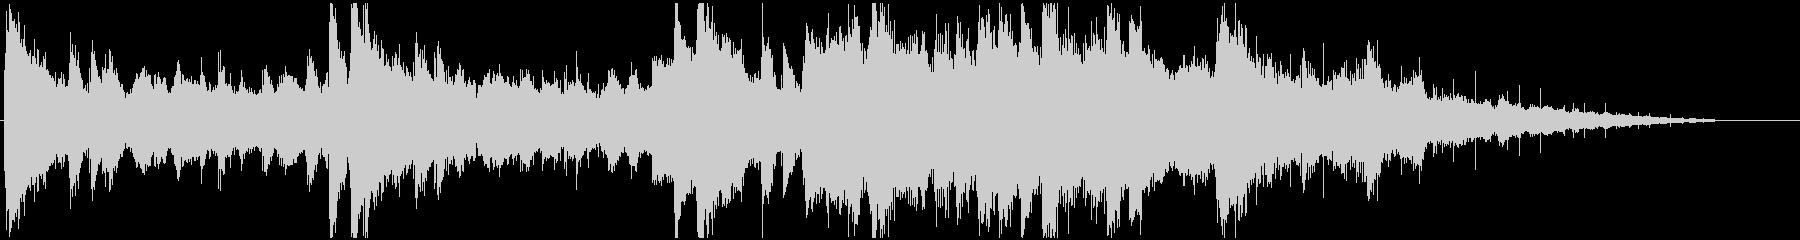 ピアノとアンビエントサウンドの未再生の波形